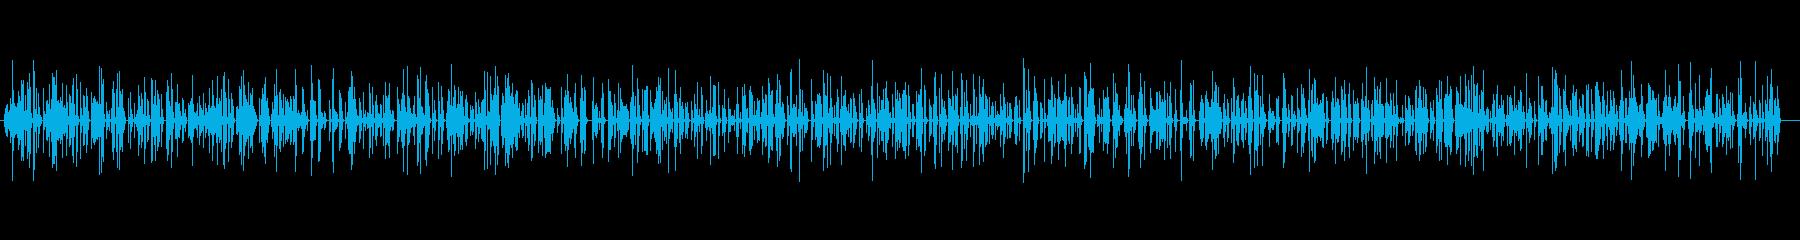 古代ロボットのピコピコ音(覚醒状態)の再生済みの波形